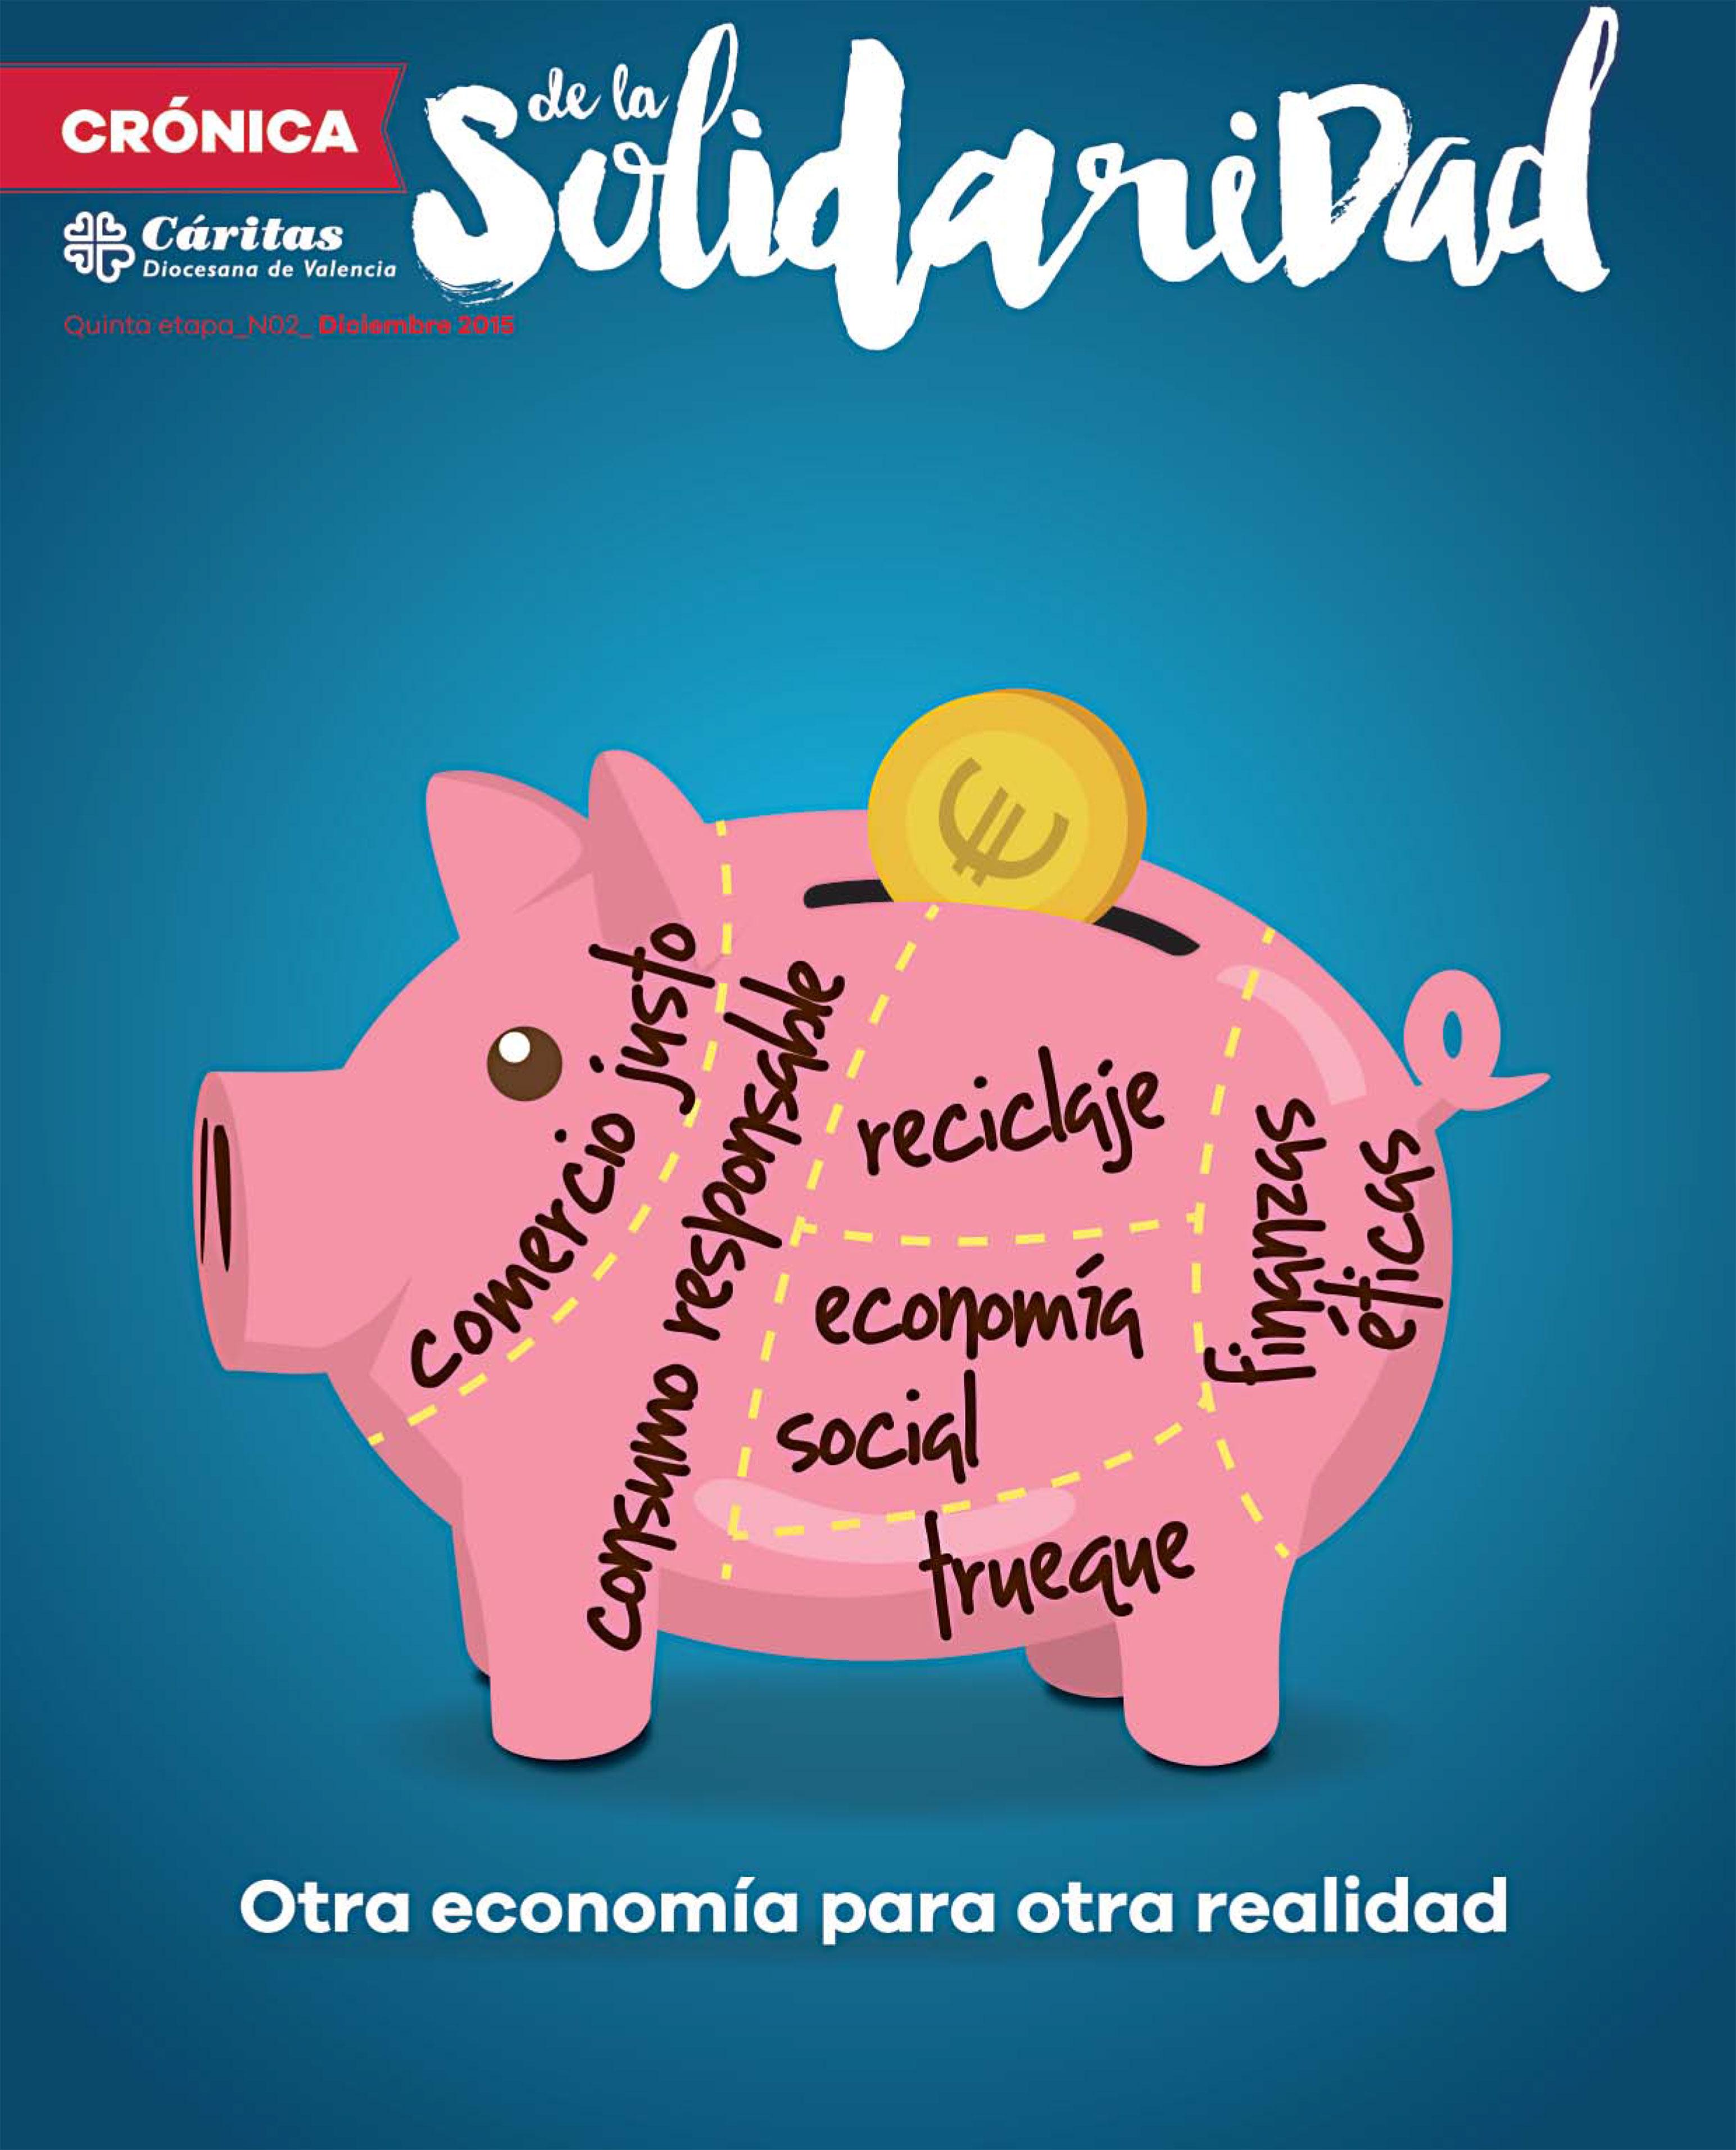 Portada de Crónica de la Solidaridad 5.2